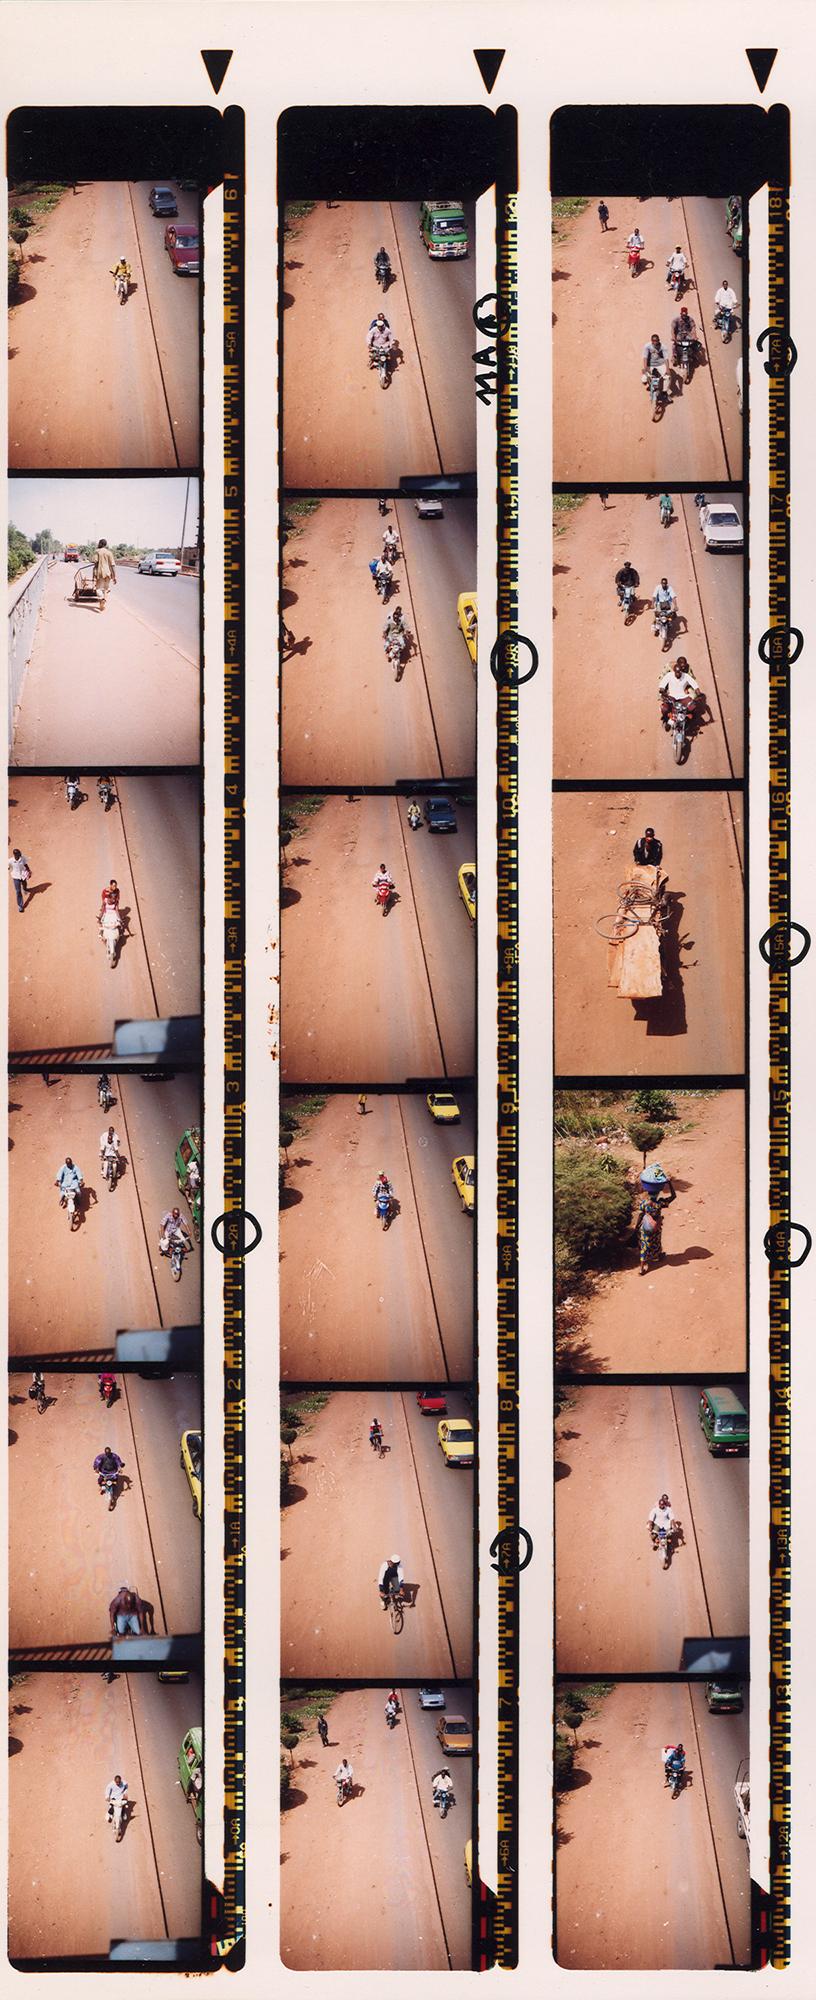 Magnolia Soto. Serie Bamako sur le pont, 2005. Hoja de contacto 8. Fotografía.